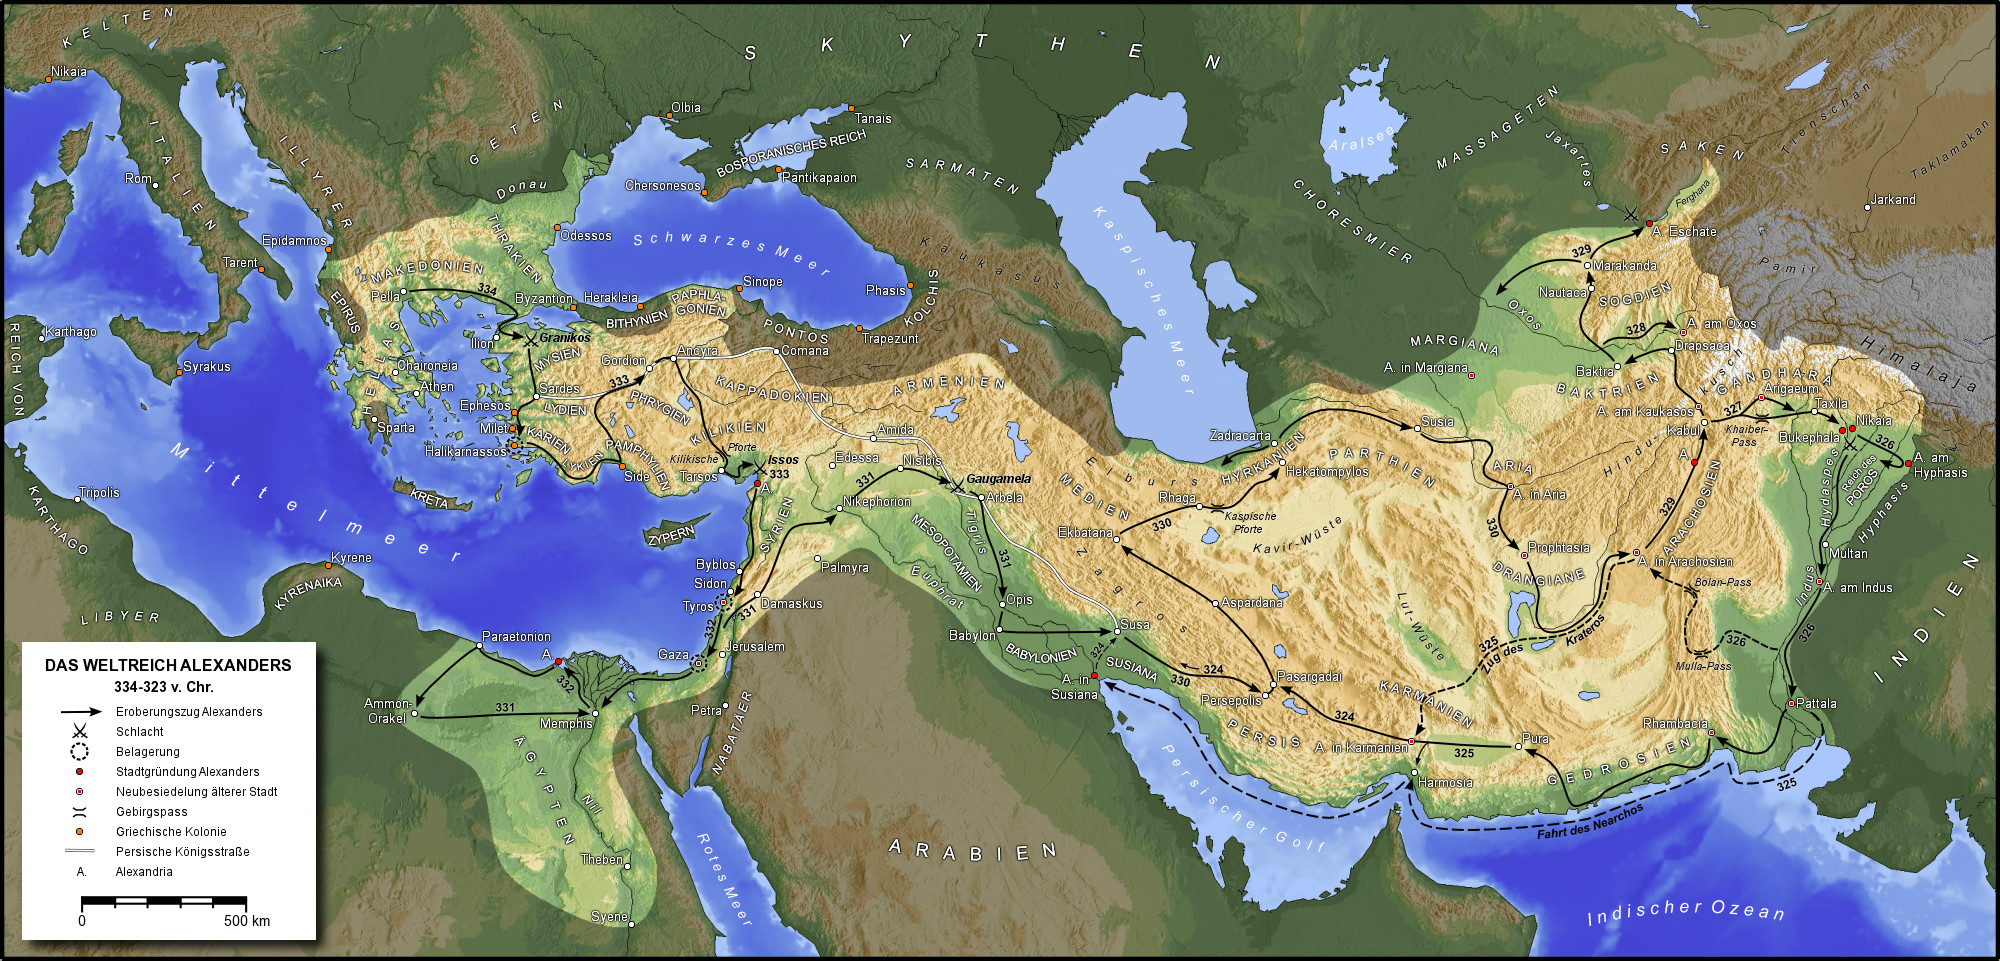 آخرین نبردهای هخامنشیان با اسکندر مقدونی